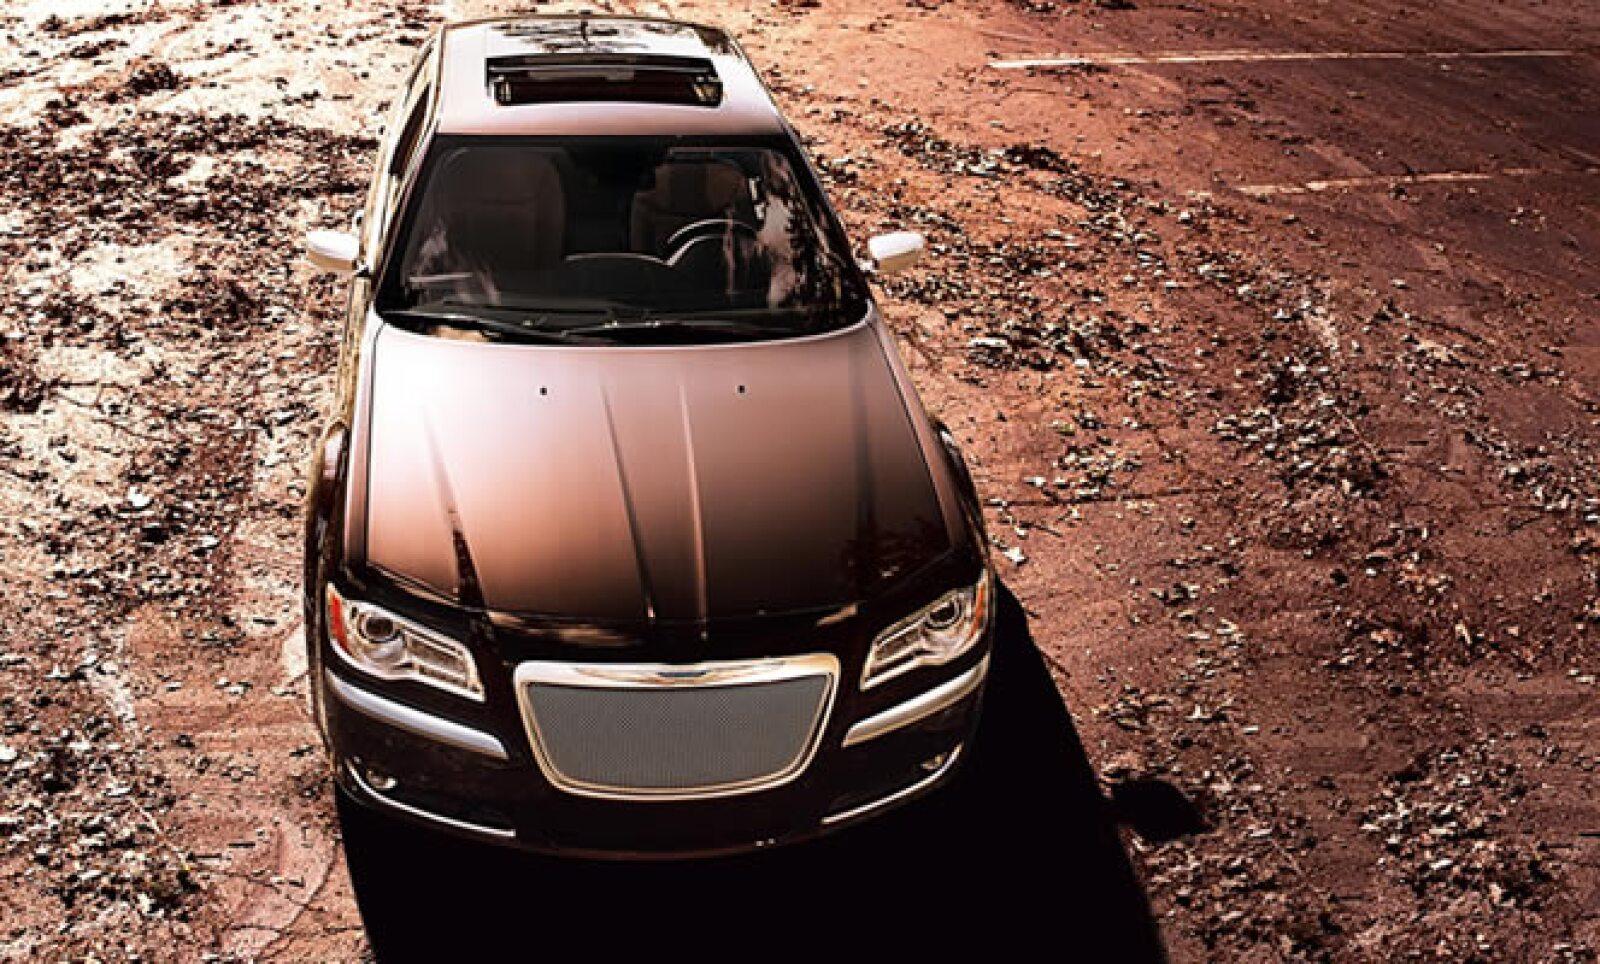 Chrysler presentó un adelanto de su nuevo modelo 300, Luxury Series, que combina un motor con más potencia con detalles de lujo al interior.